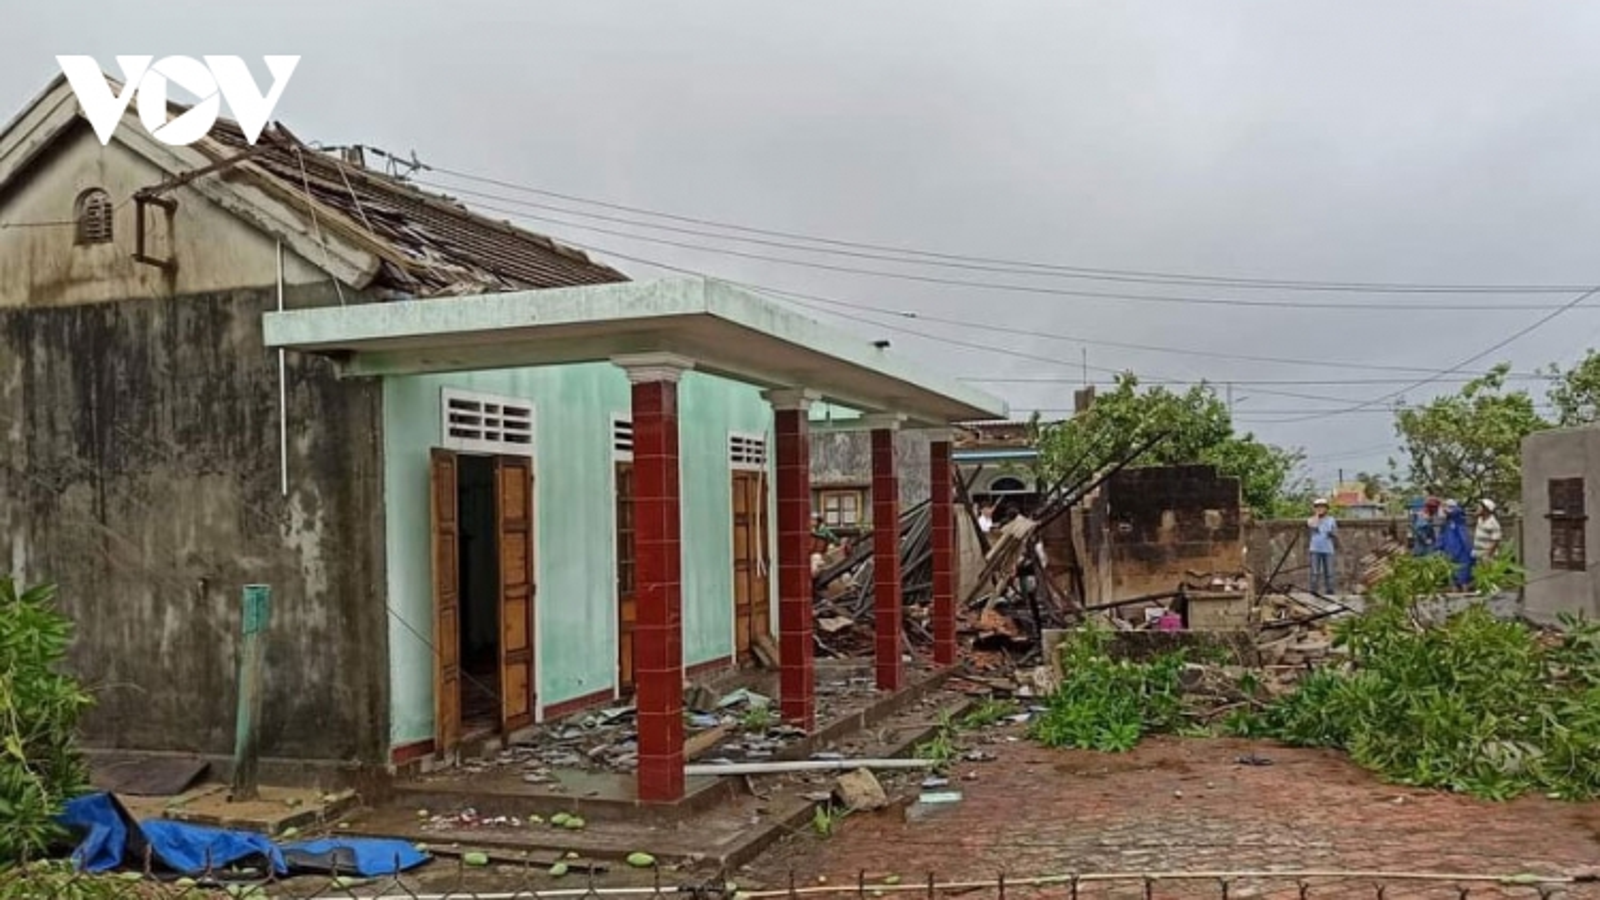 Thừa Thiên Huế: Bão số 5 làm1 người chết, 23 người bị thương, gần 1.700 nhà bị tốc mái